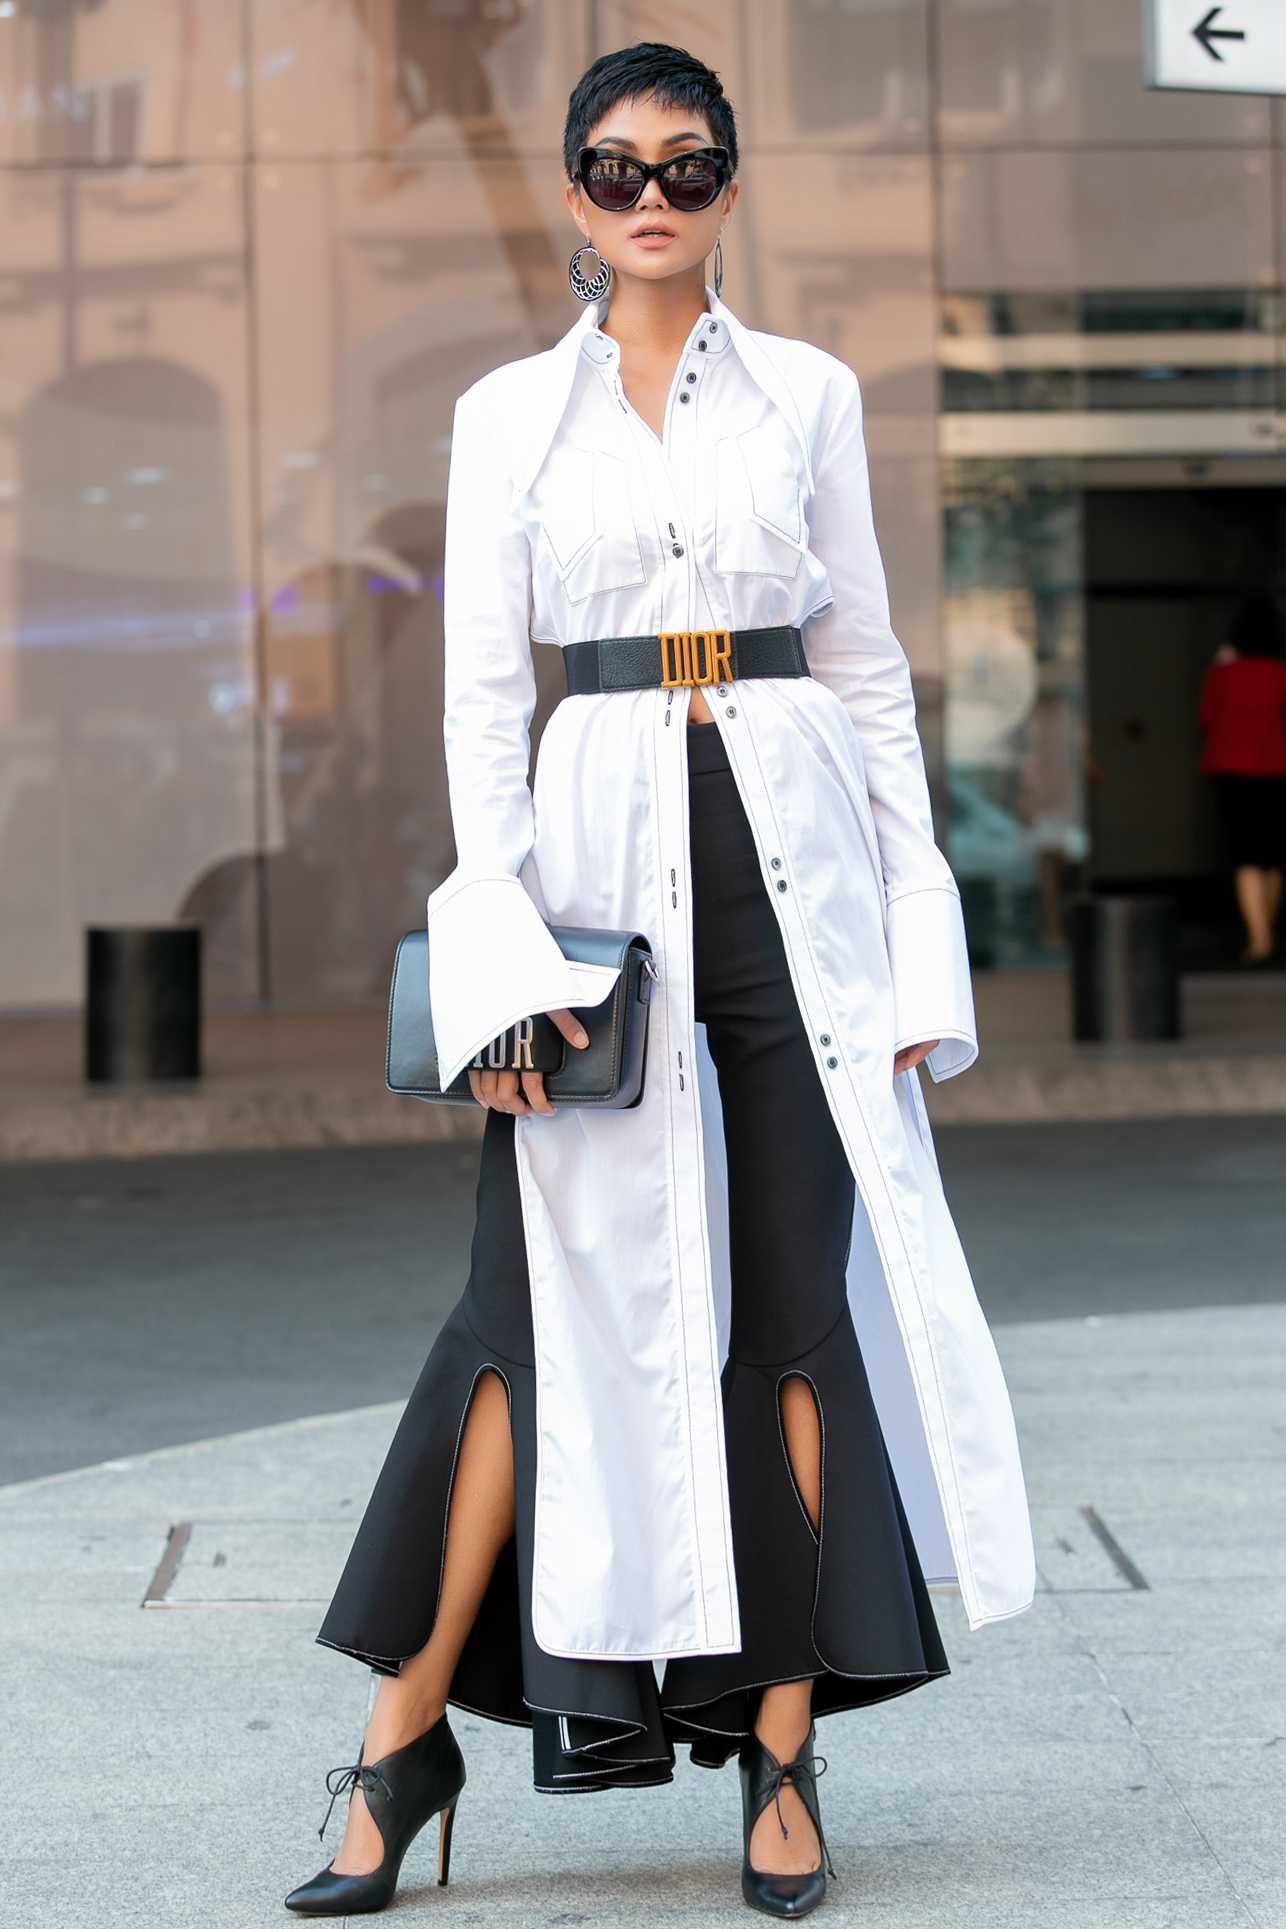 Nhìn lại loạt Best Look của các sao mới thấy, sự ra đi của stylist Mì Gói quả là mất mát đáng tiếc với thời trang Việt - Ảnh 4.